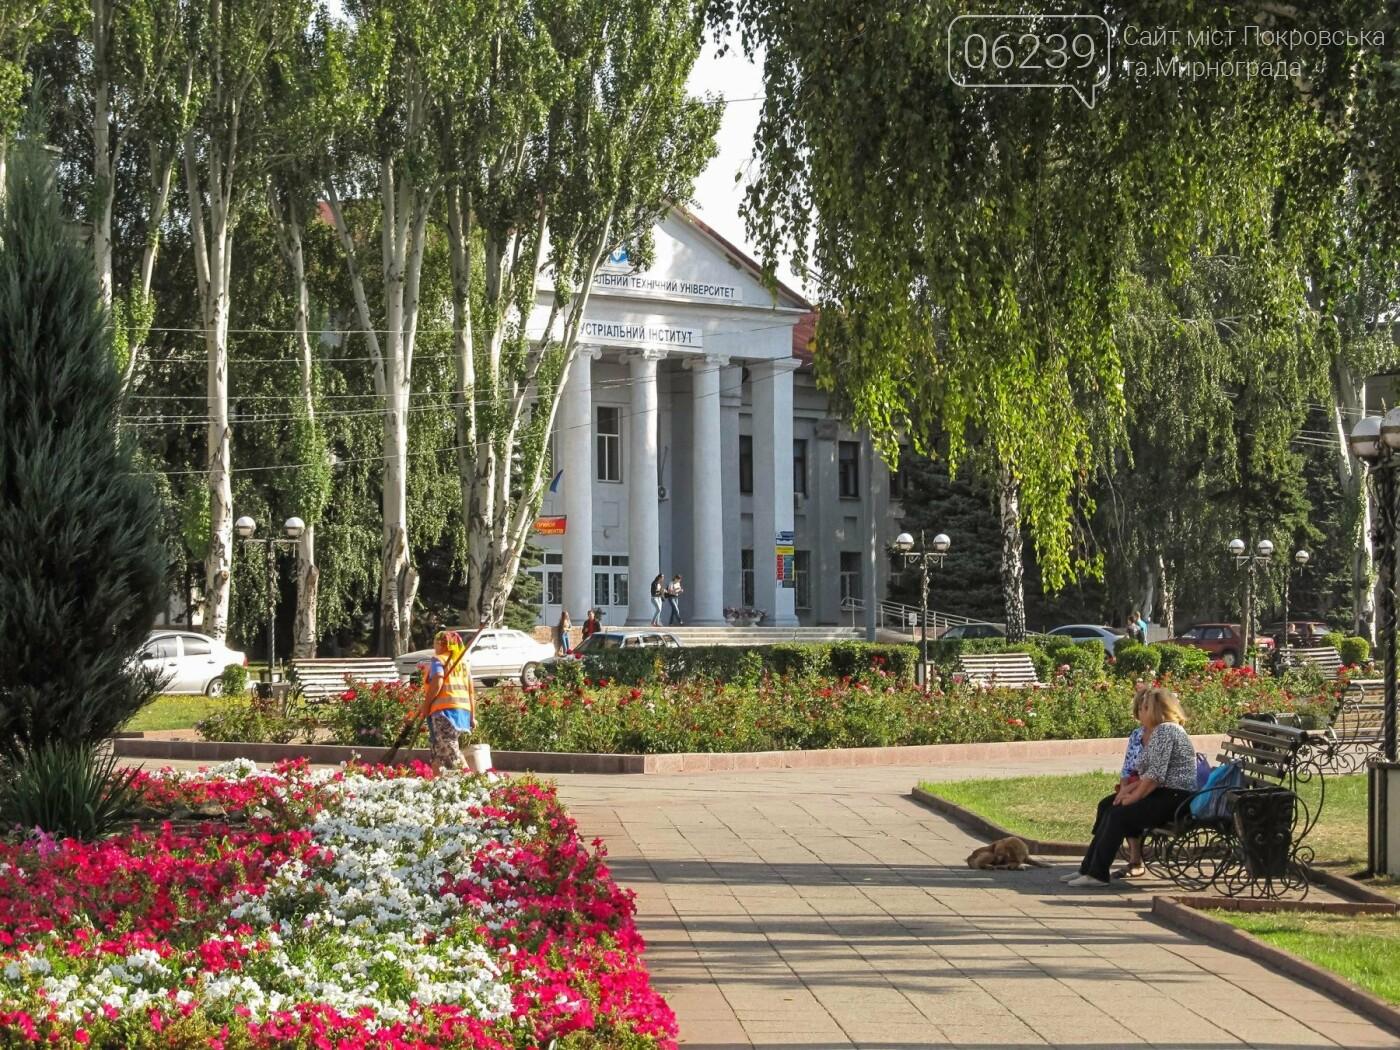 В субботу ДонНТУ в Покровске проведет День открытых дверей, фото-1